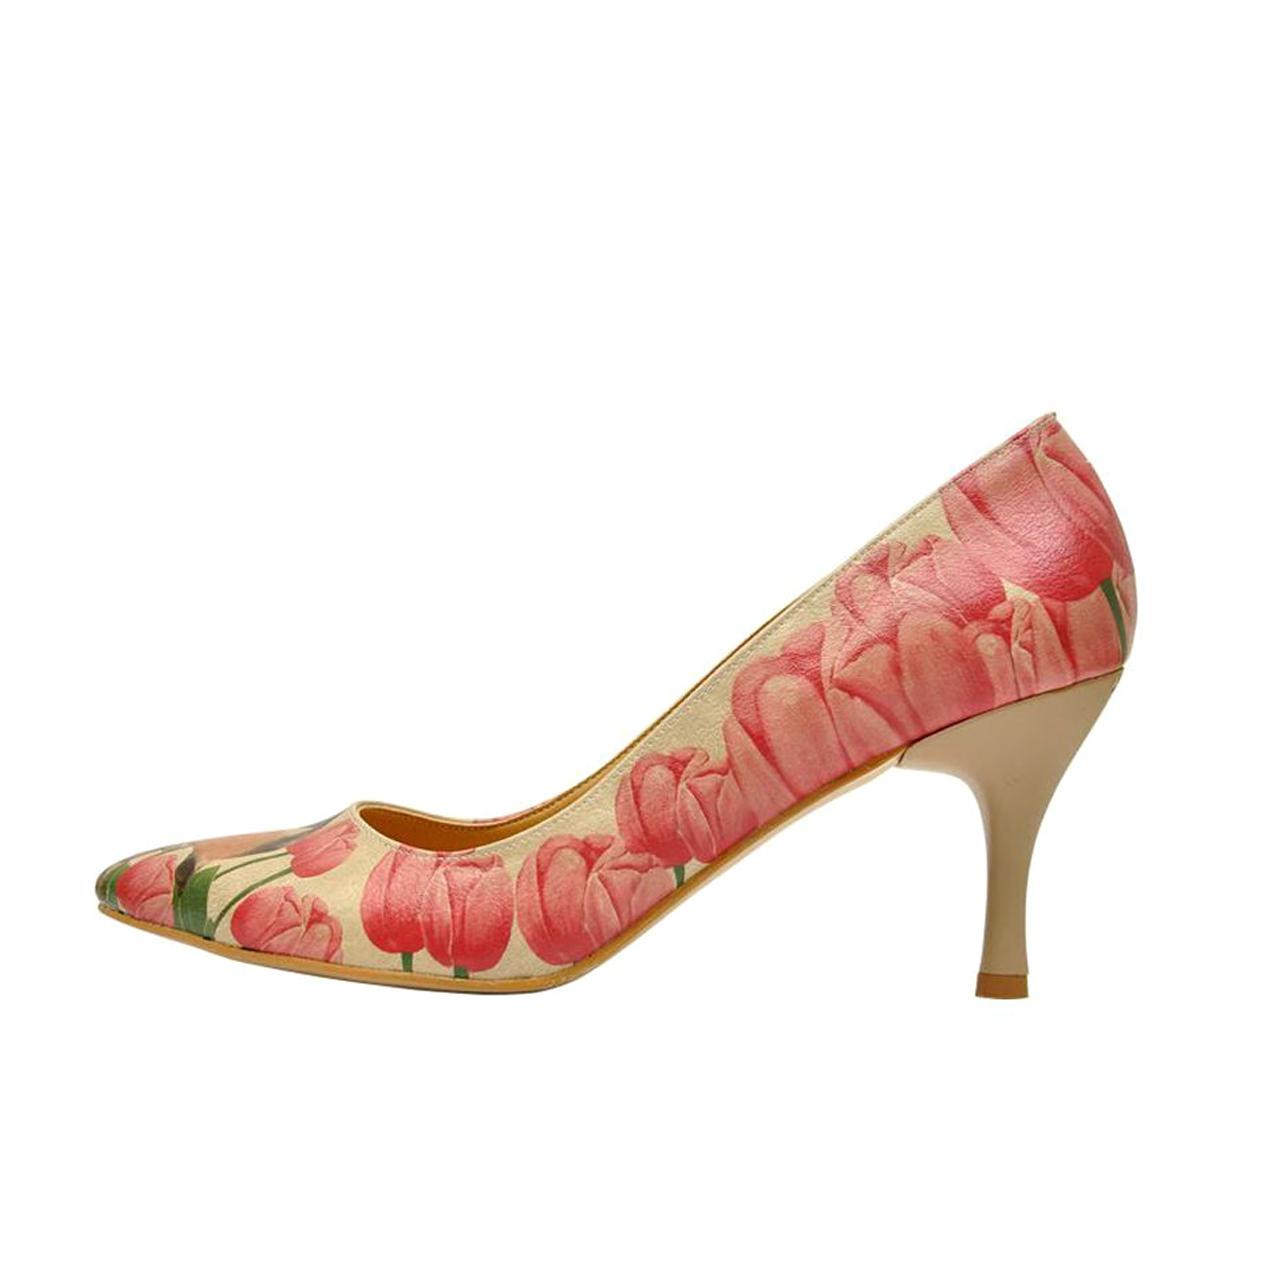 کفش  زنانه دوگو کد dghh018-stl004